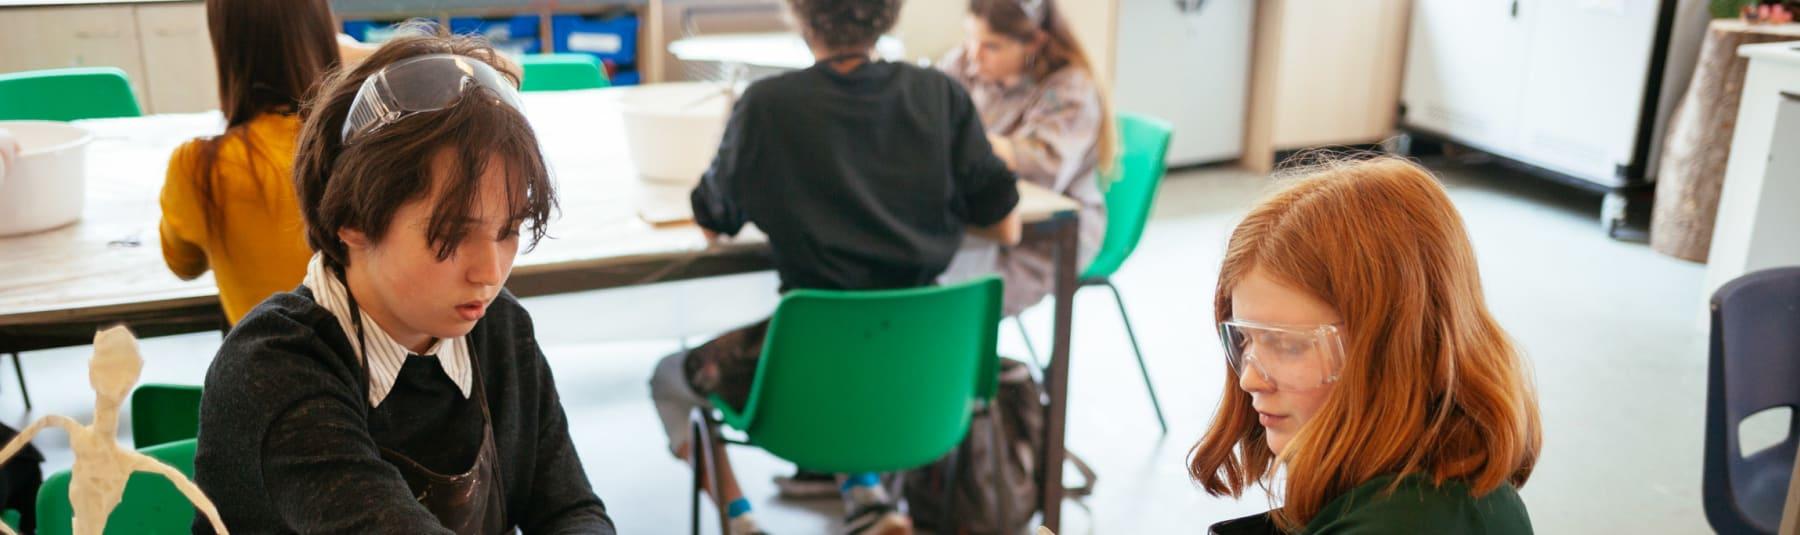 Kids in class.